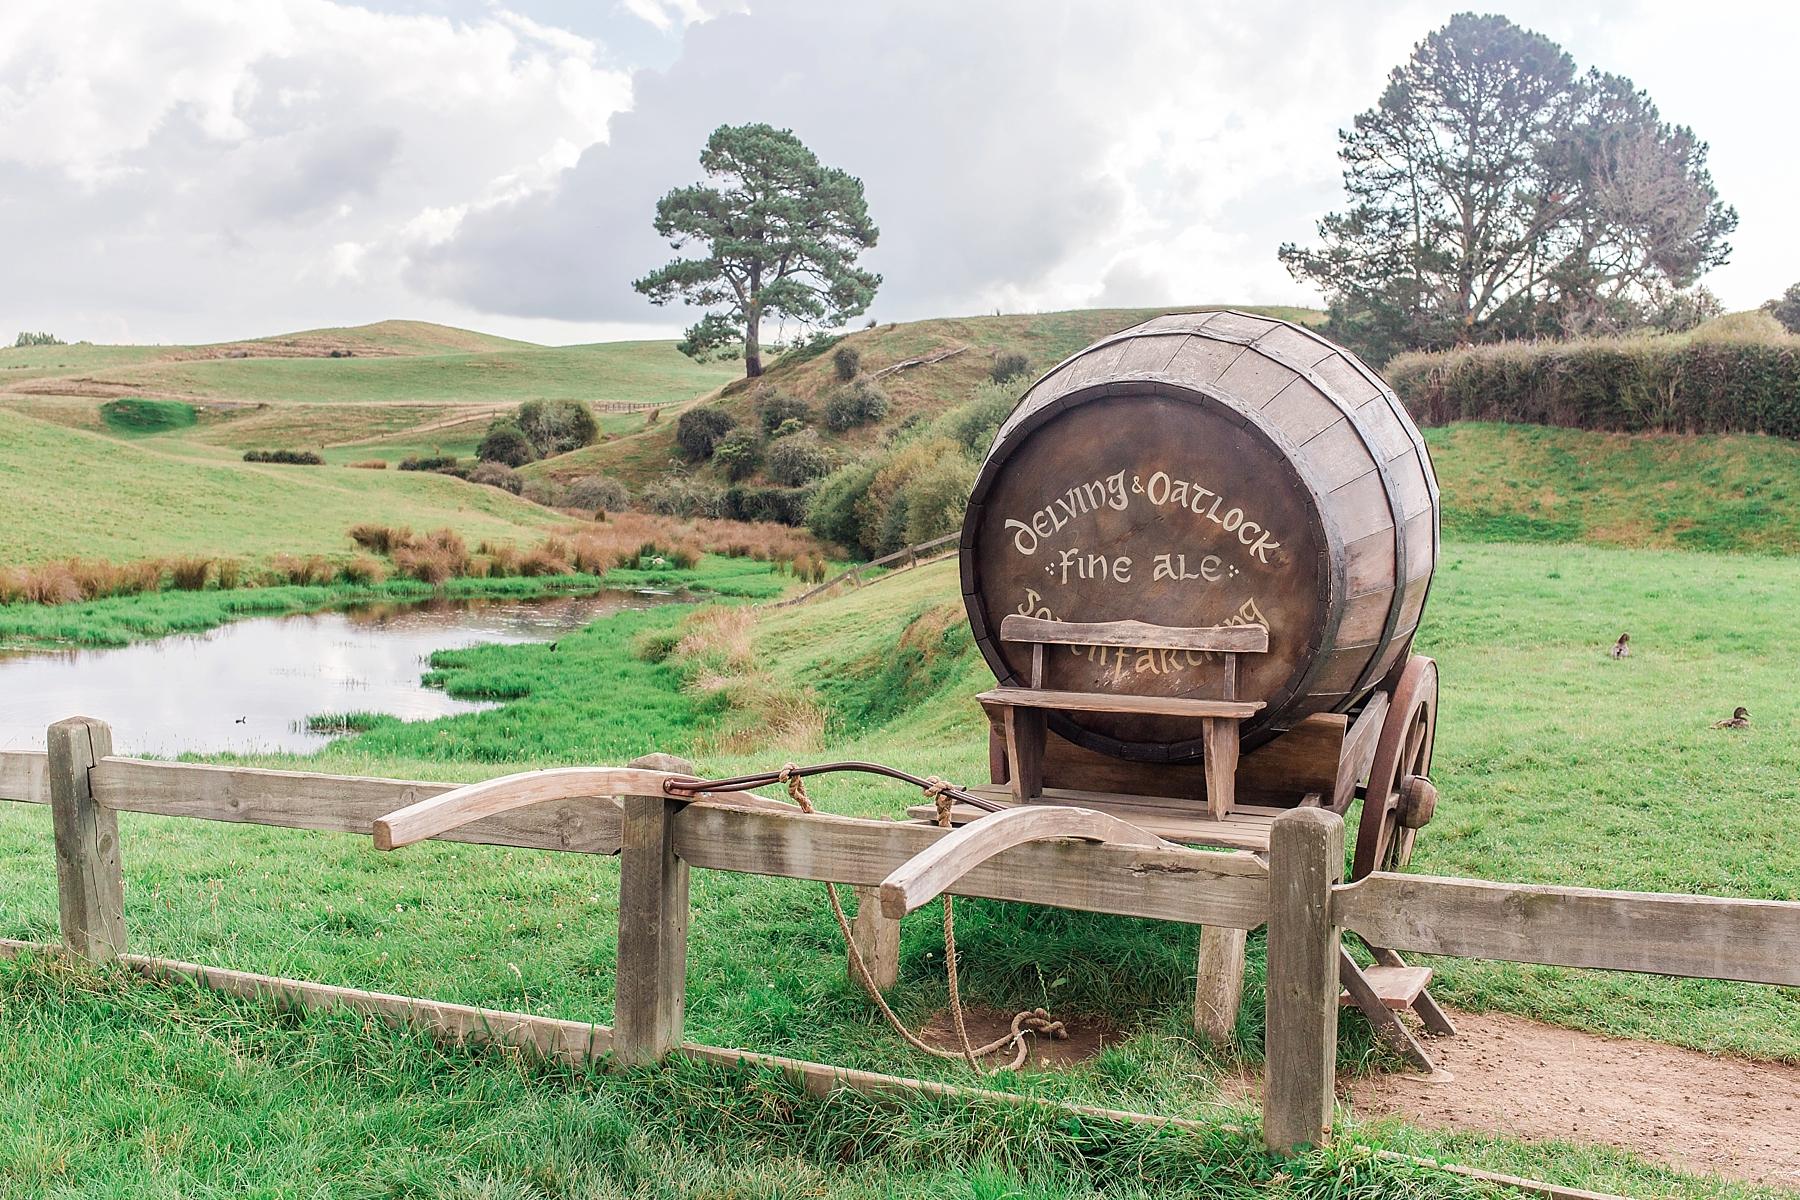 hobbiton-movie-set-matamata-hamilton-north-island-new-zealand-scenery_0260.jpg